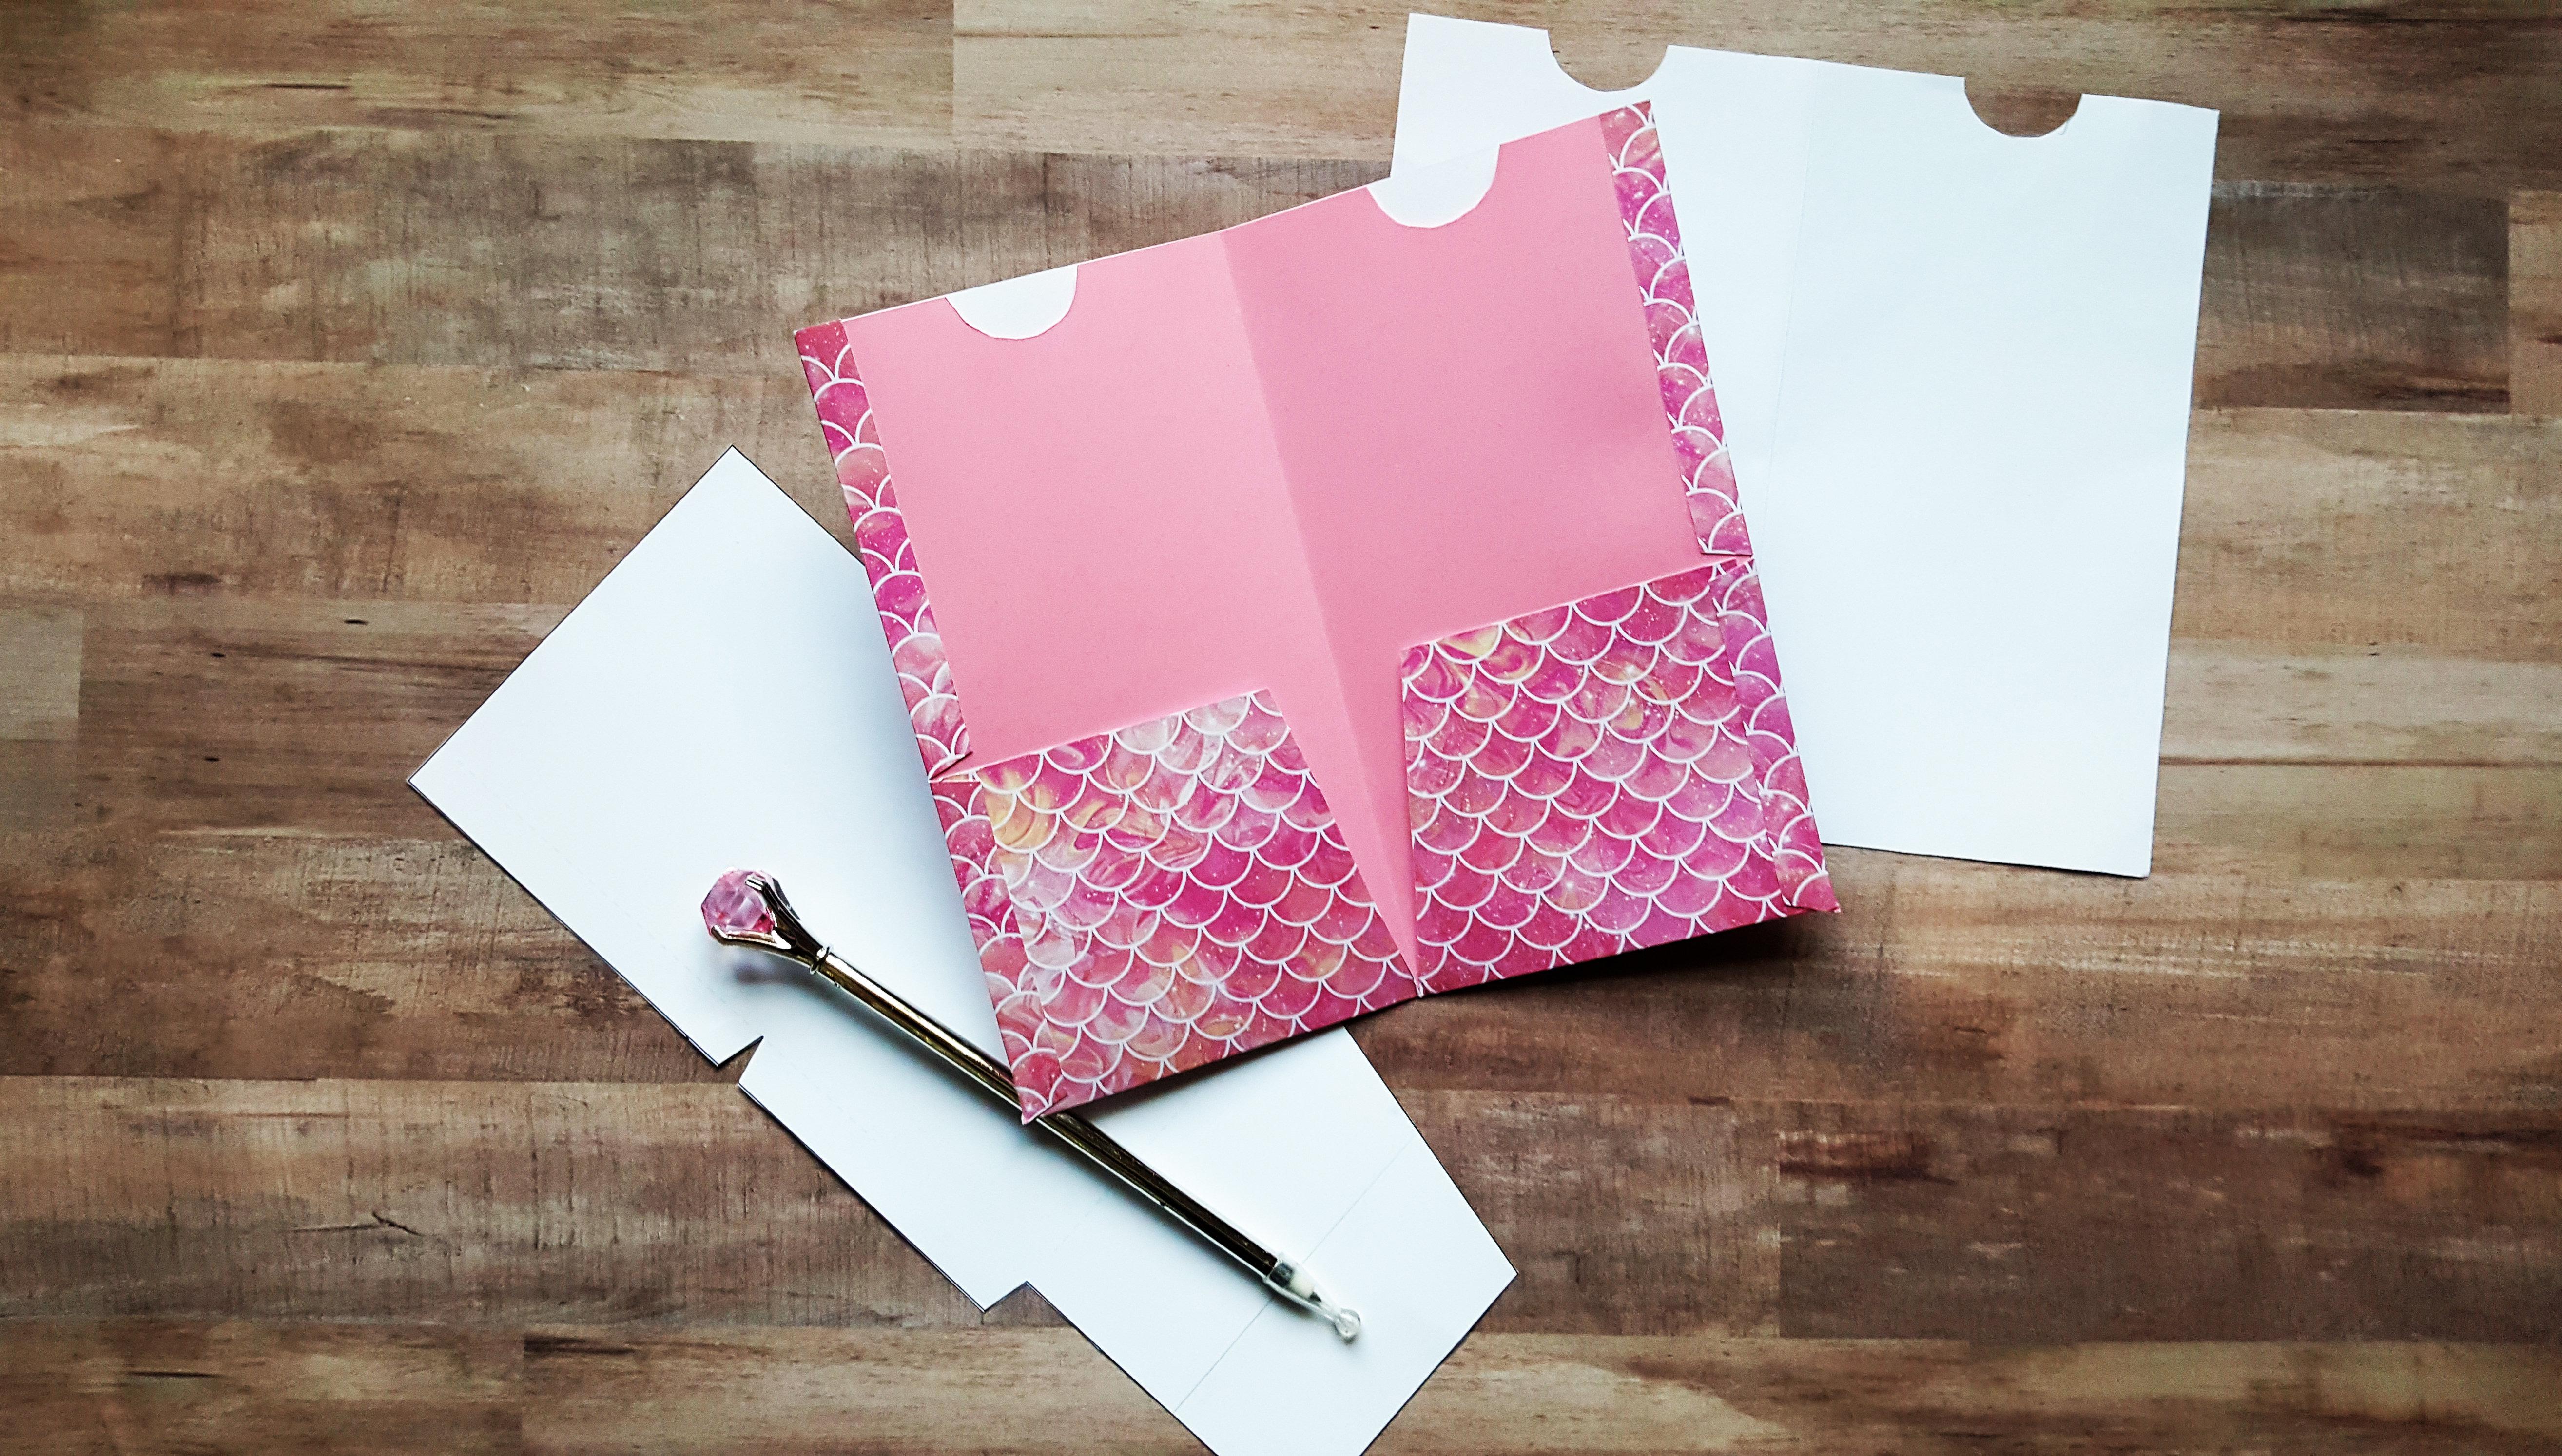 Folder Insert Template for Standard or Regular Size Traveler's Notebook